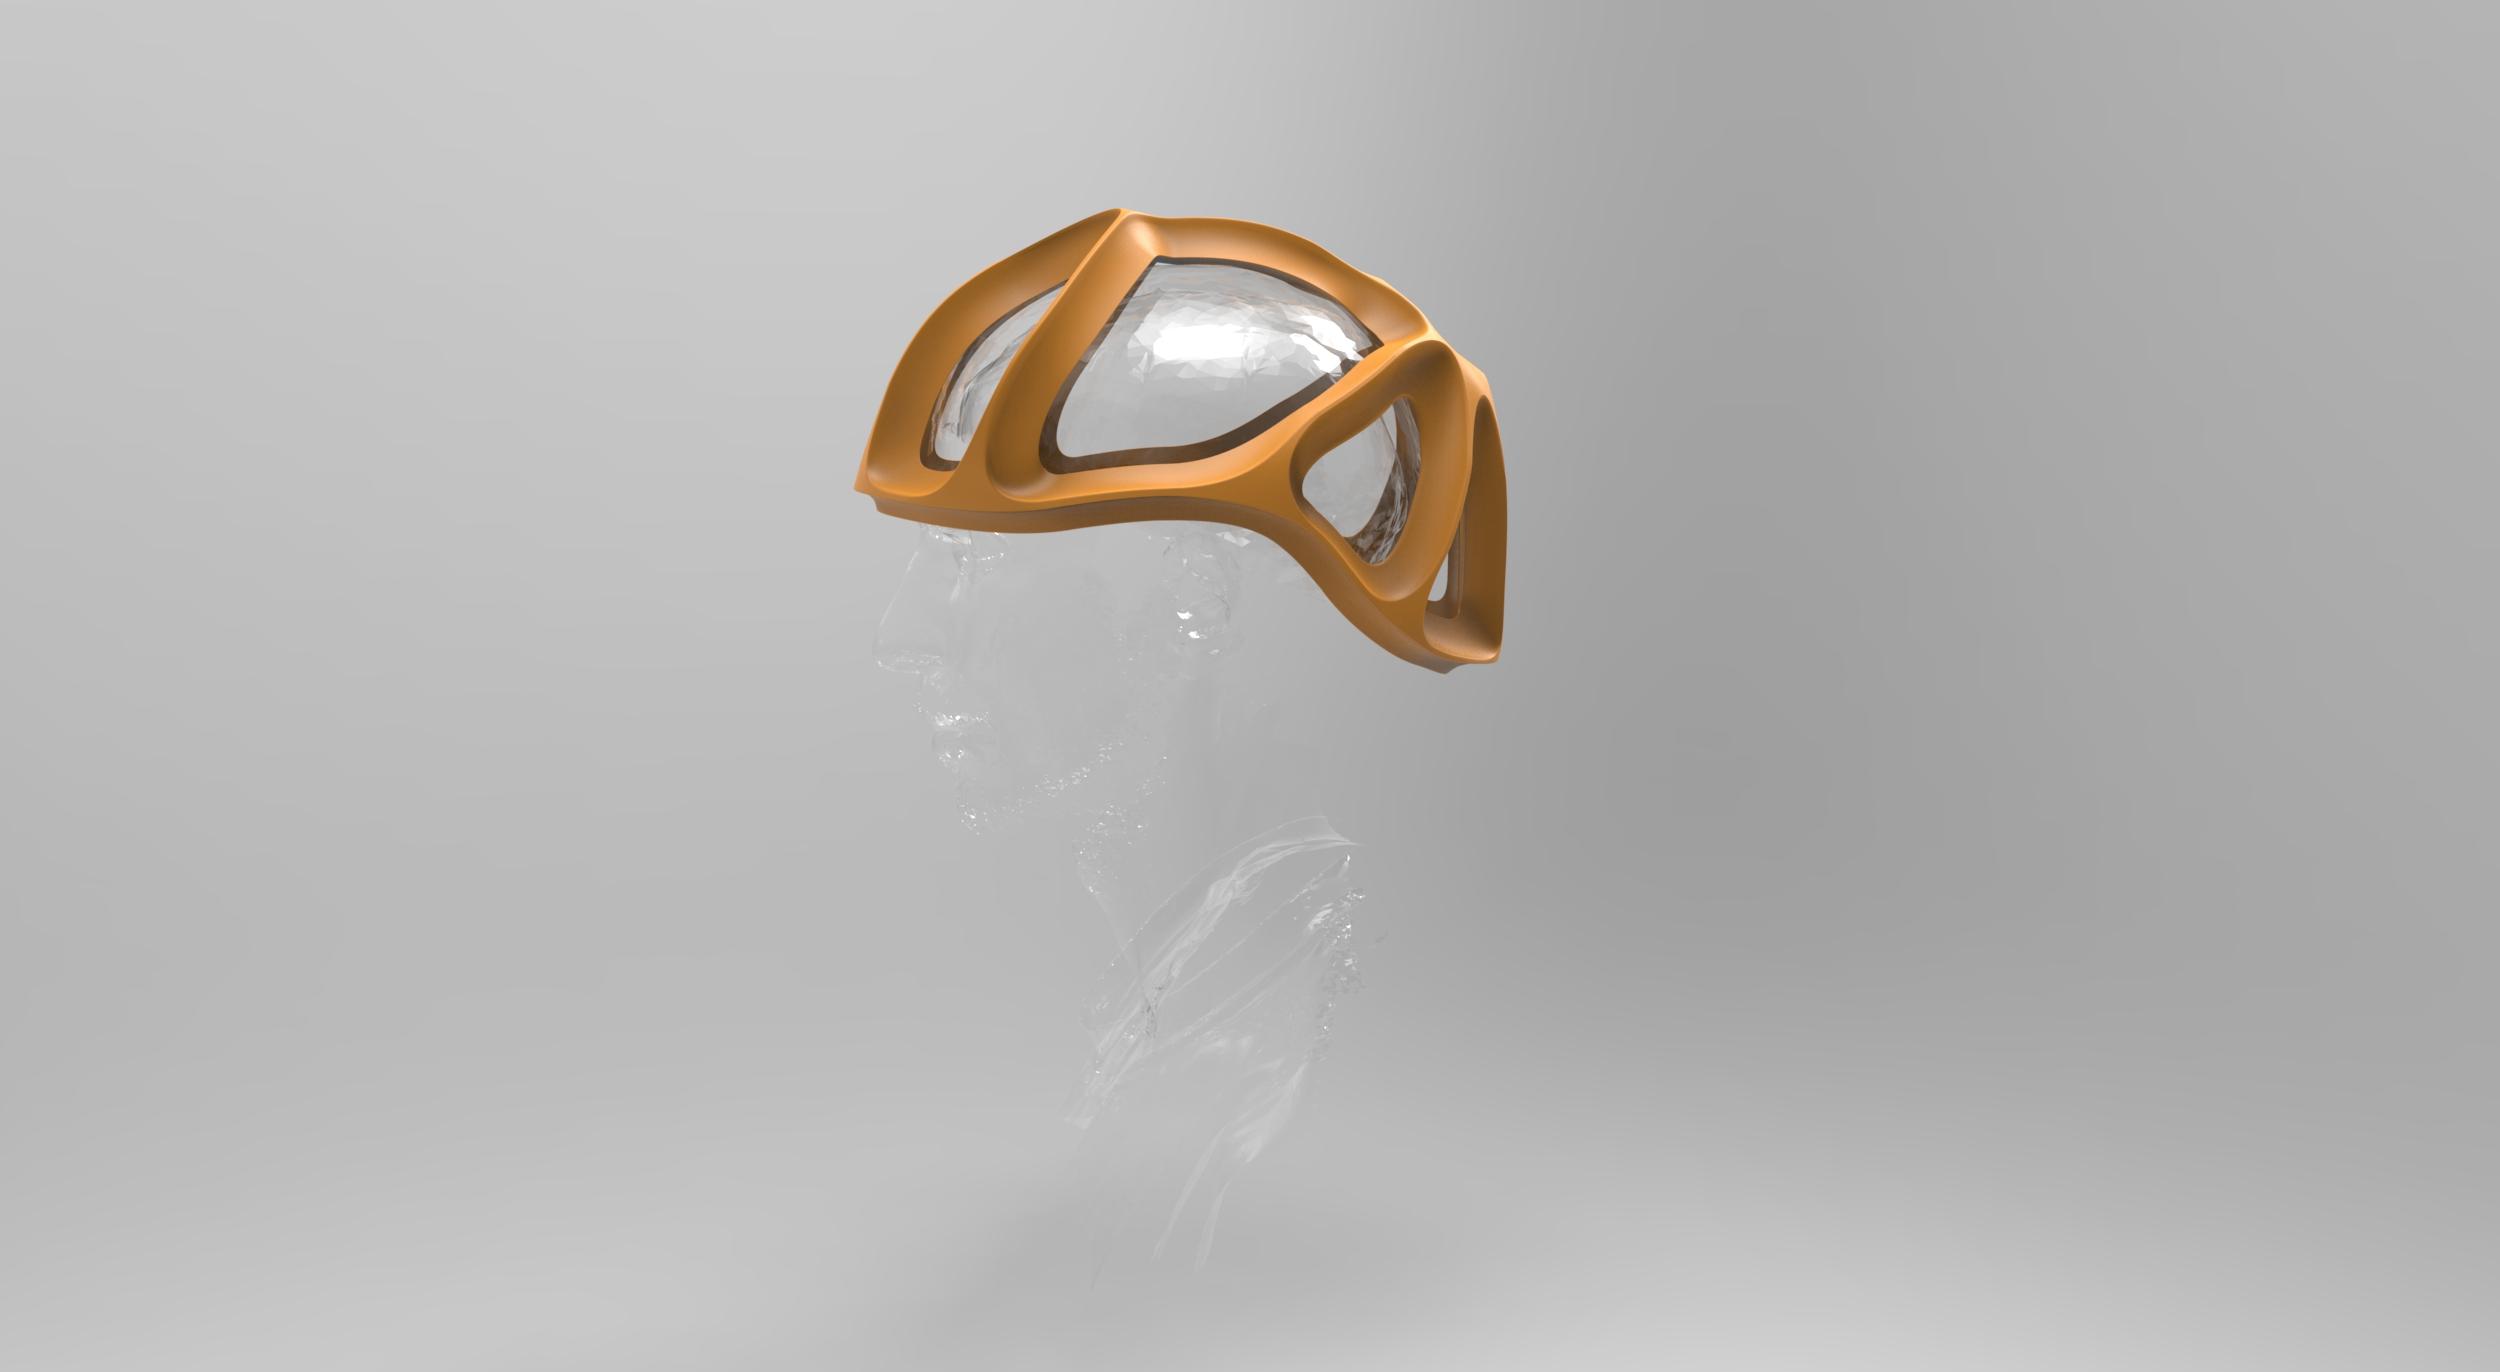 161127_ronnyhaberer_helmet_009